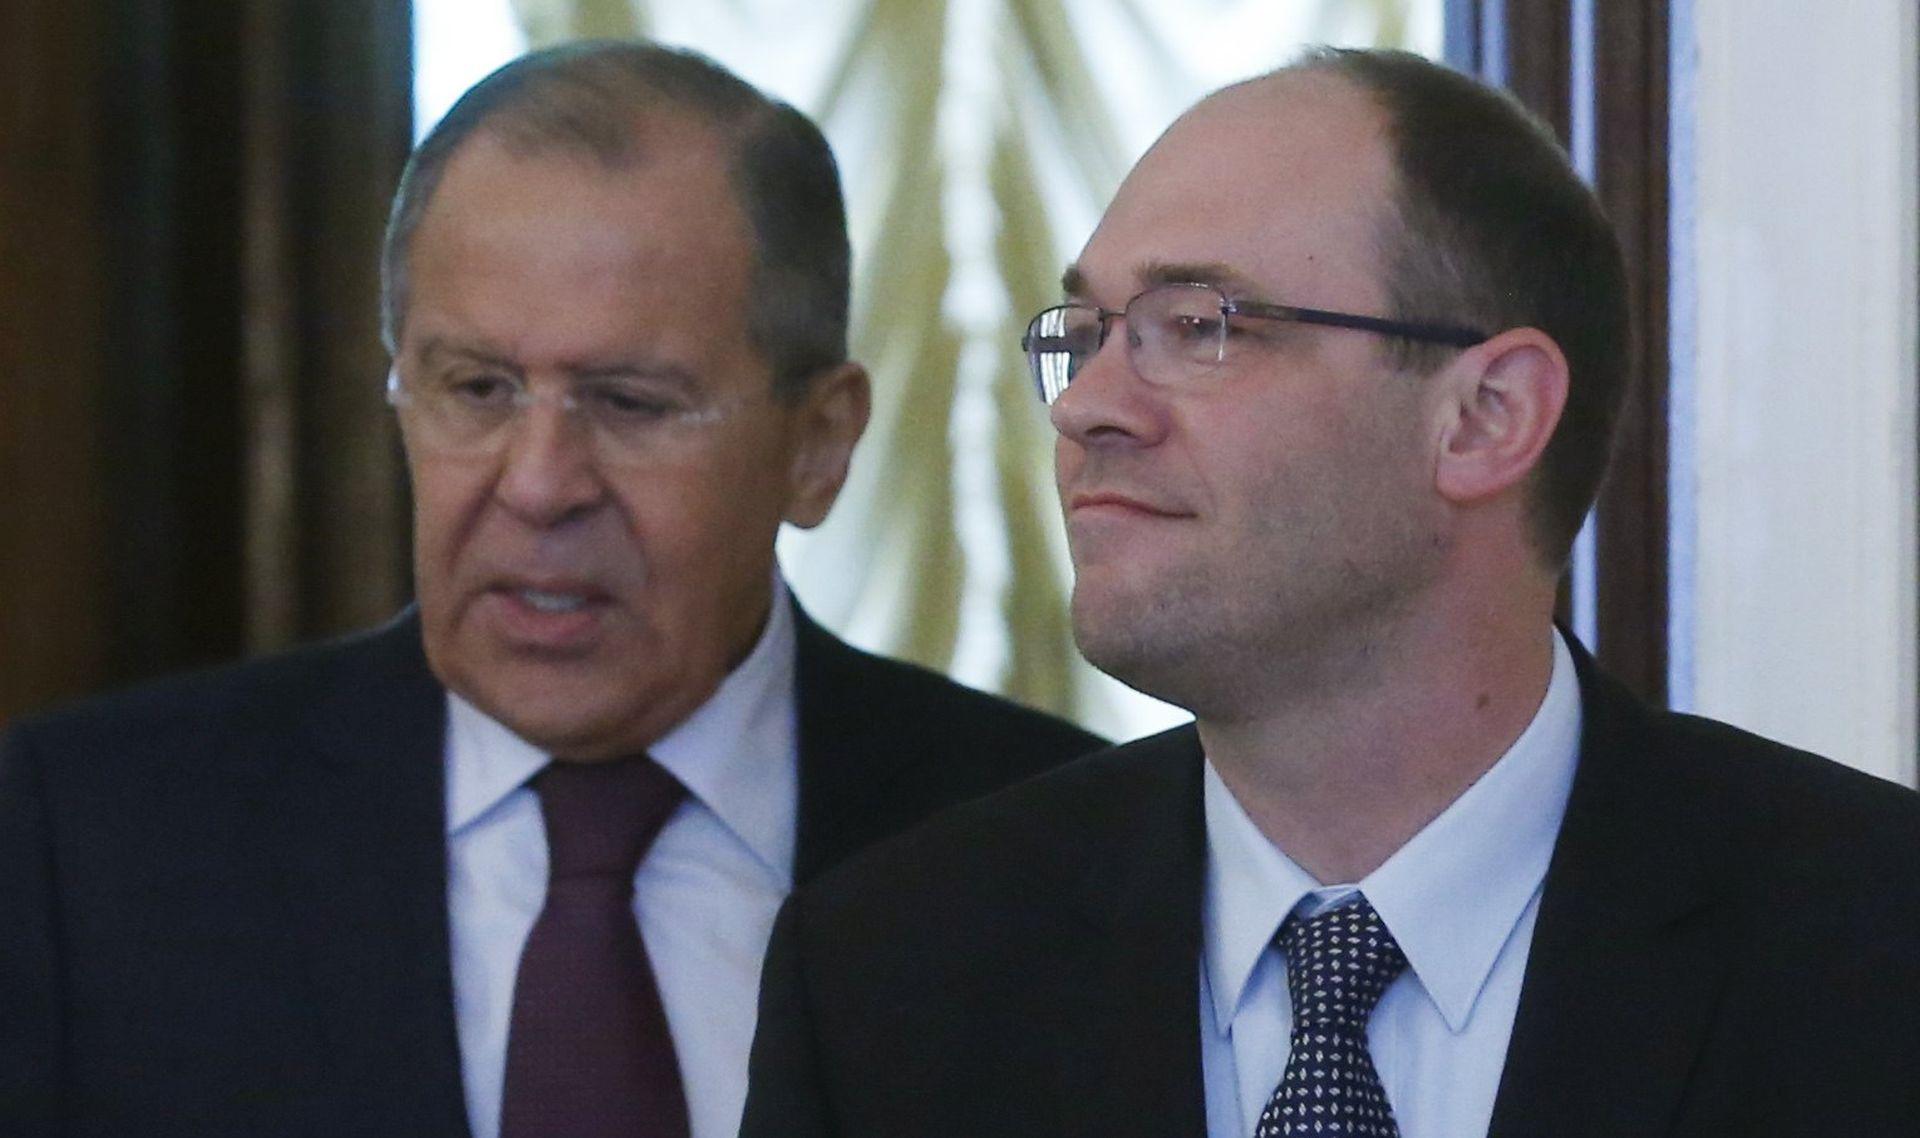 Posjet Stiera Moskvi jako je važan za hrvatske gospodarstvenike u Rusiji – HGK